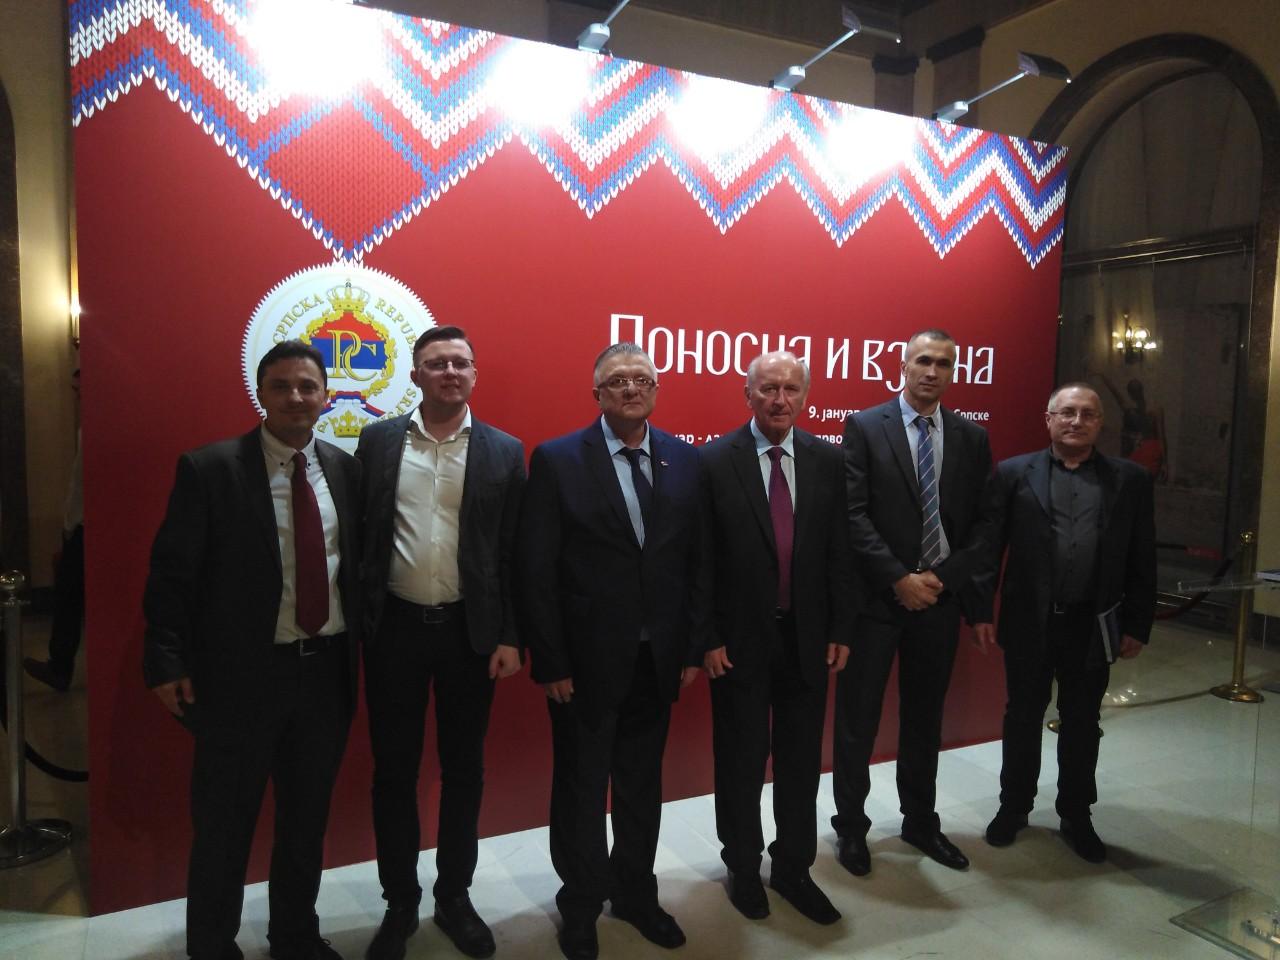 Direktor Biblioteke na svečanom prijemu povodom Dana Republike Srpske